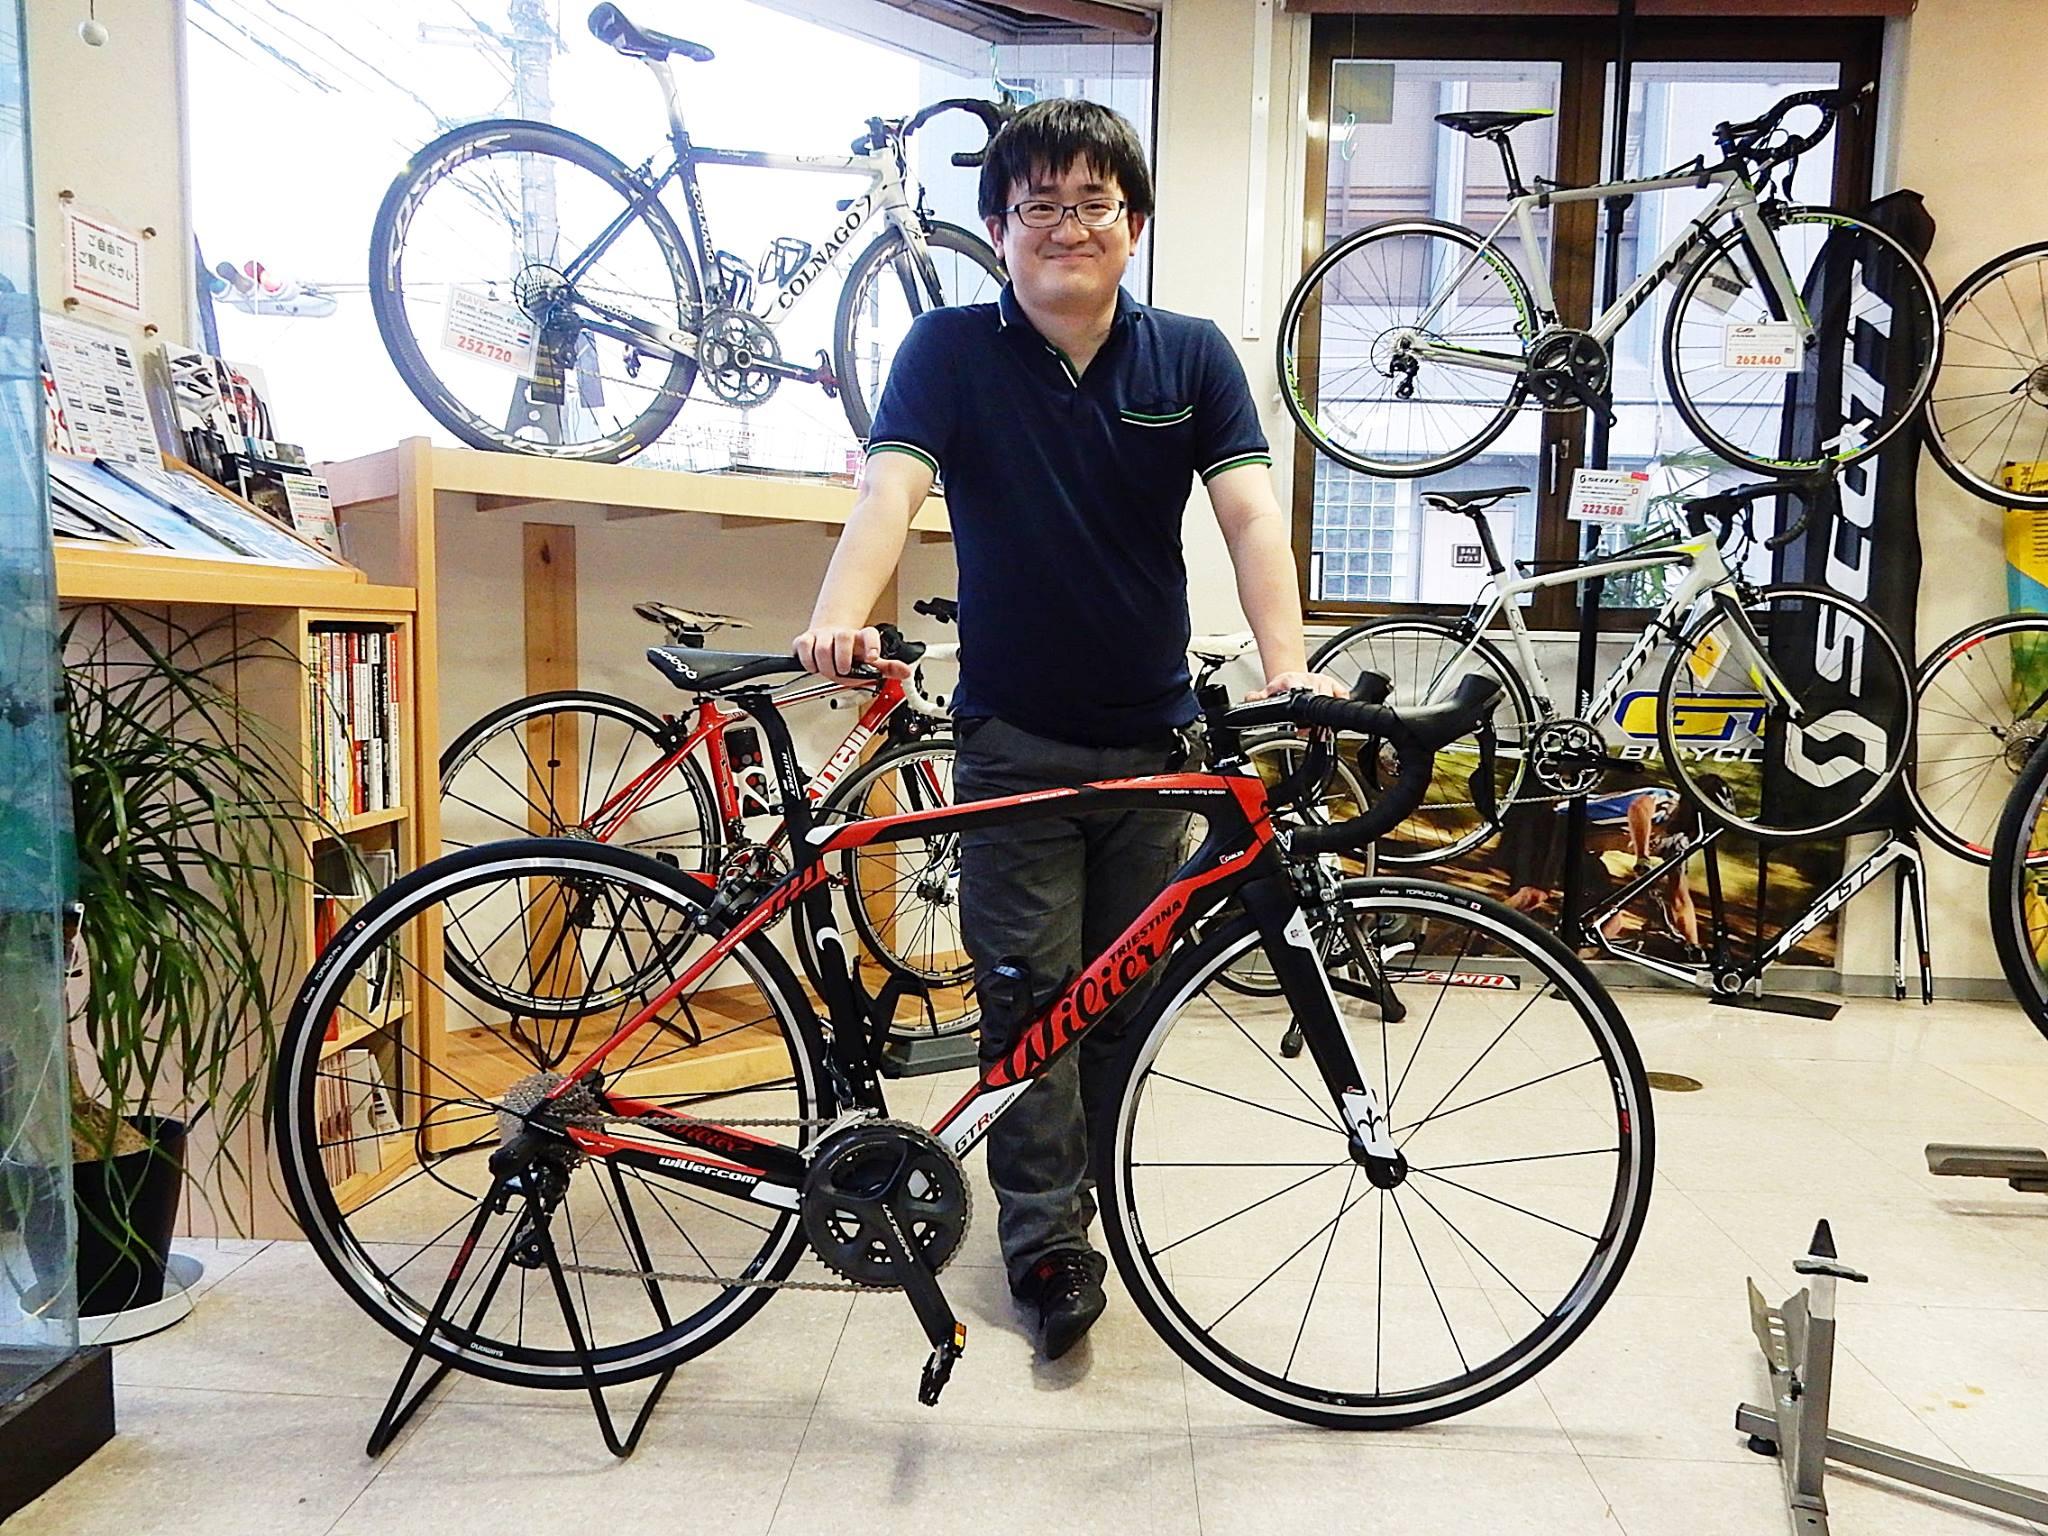 2016 2017 wilier WILIER ウィリエール GTR ジーティーアール グランツーリズモ TEAM team チーム フルカーボンロードバイク サイクリング ロングライド 長距離 レース 広島県福山市 FINE fine ファイン